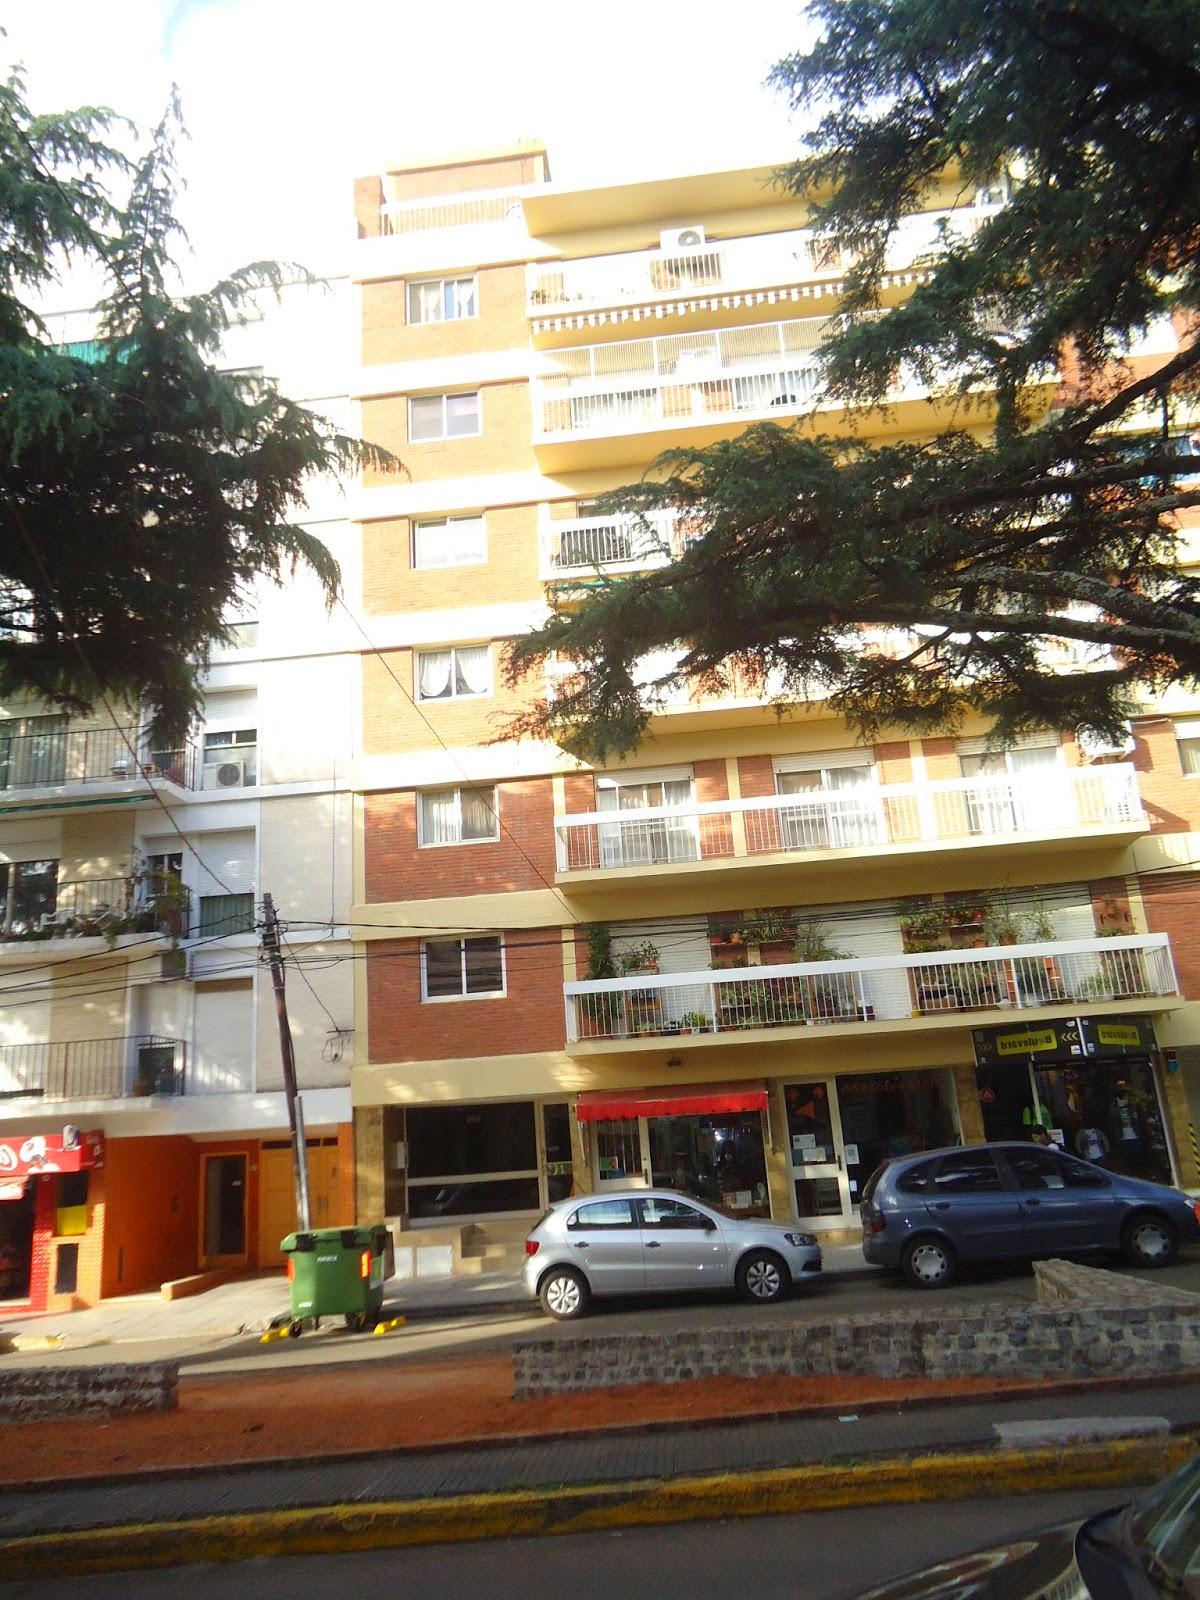 Trabajos de altura en edificios con impermeabilizacion de terrazas.